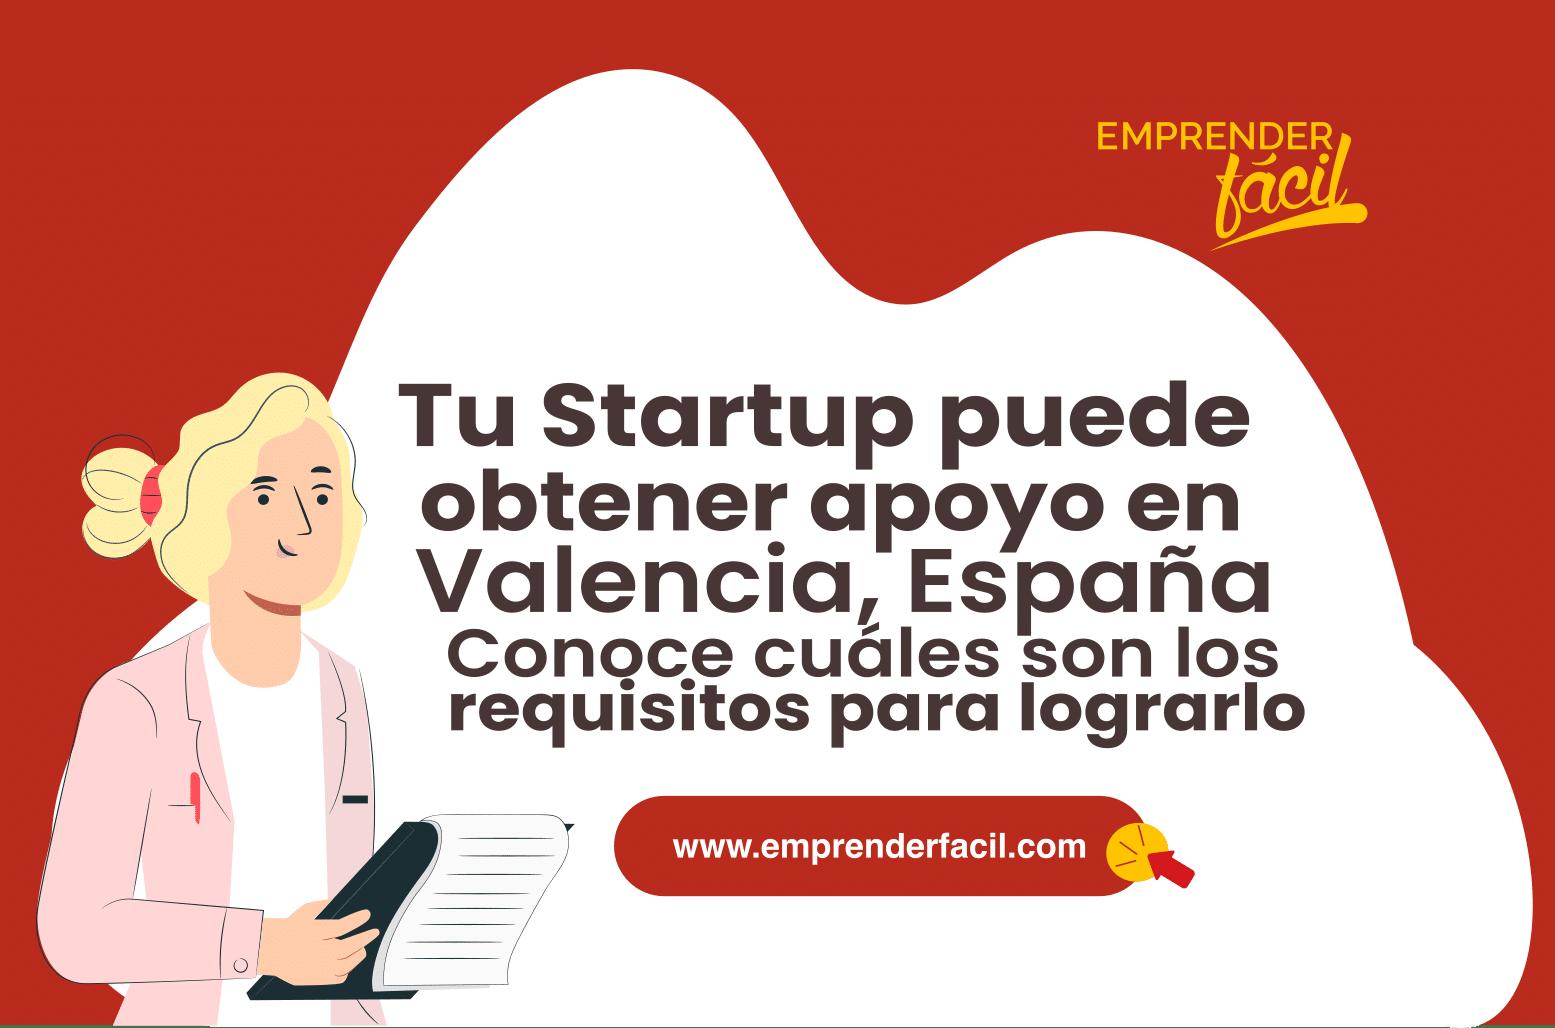 Startups ganan la atención en Valencia, España